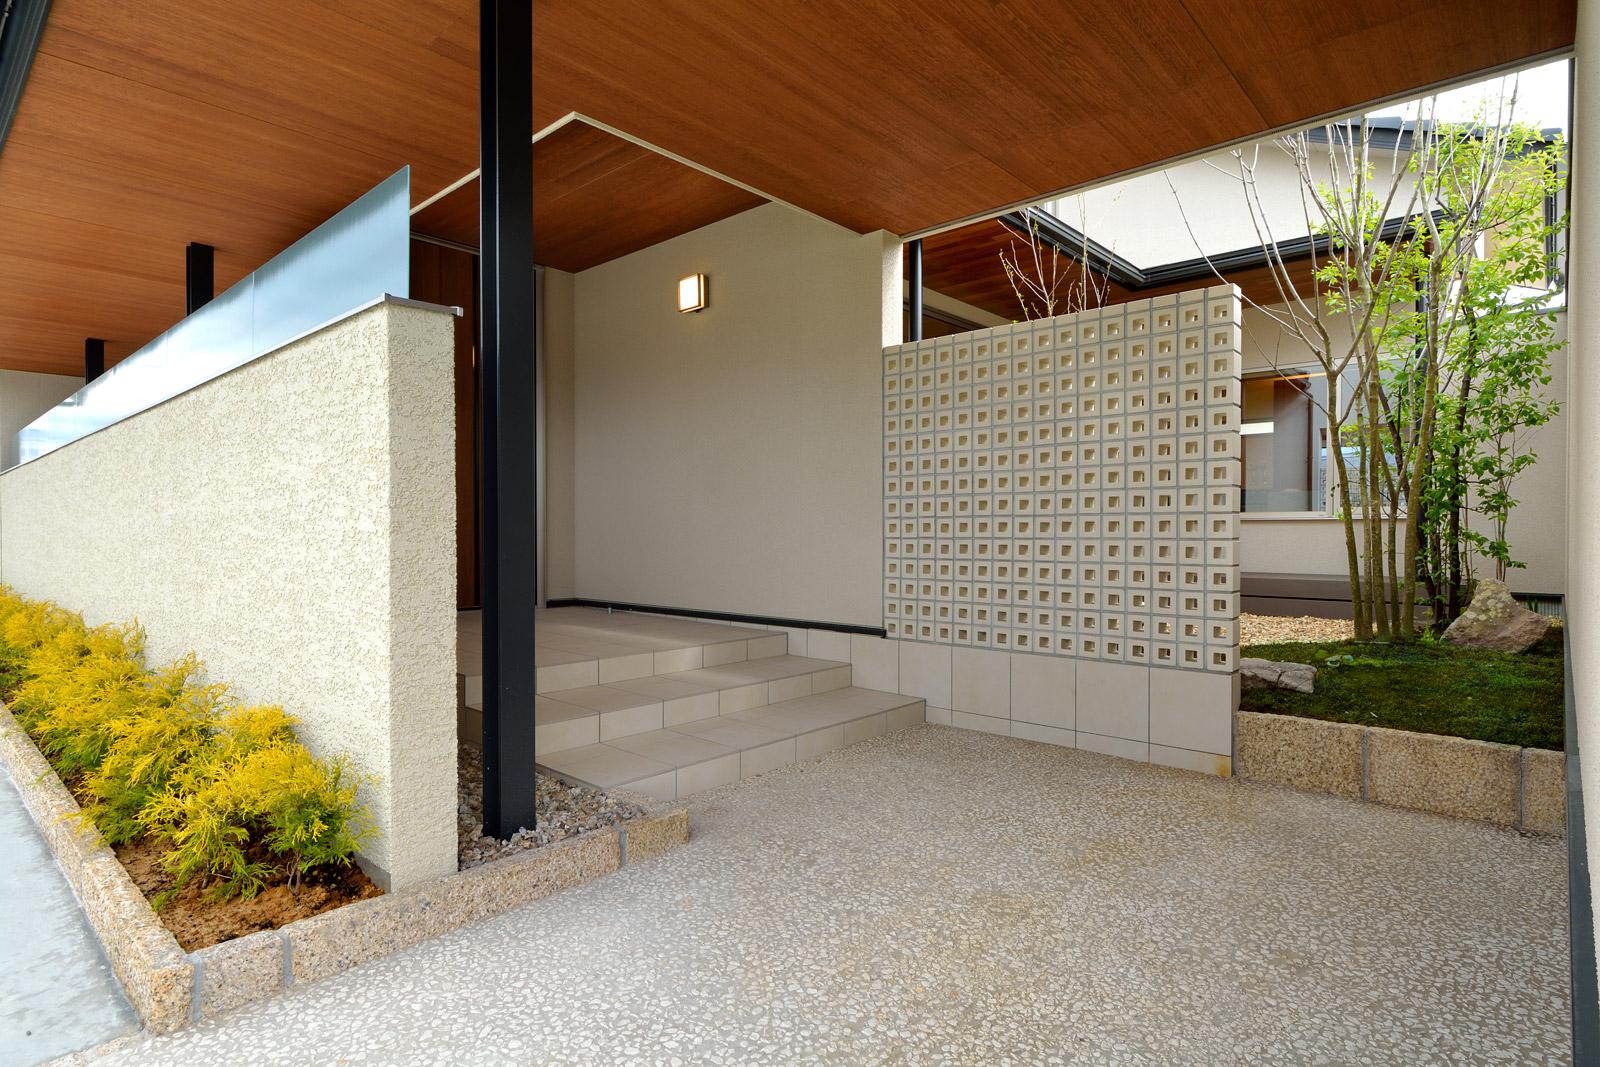 白山市北安田モデル「豊かさへと誘う、色彩と住設計」